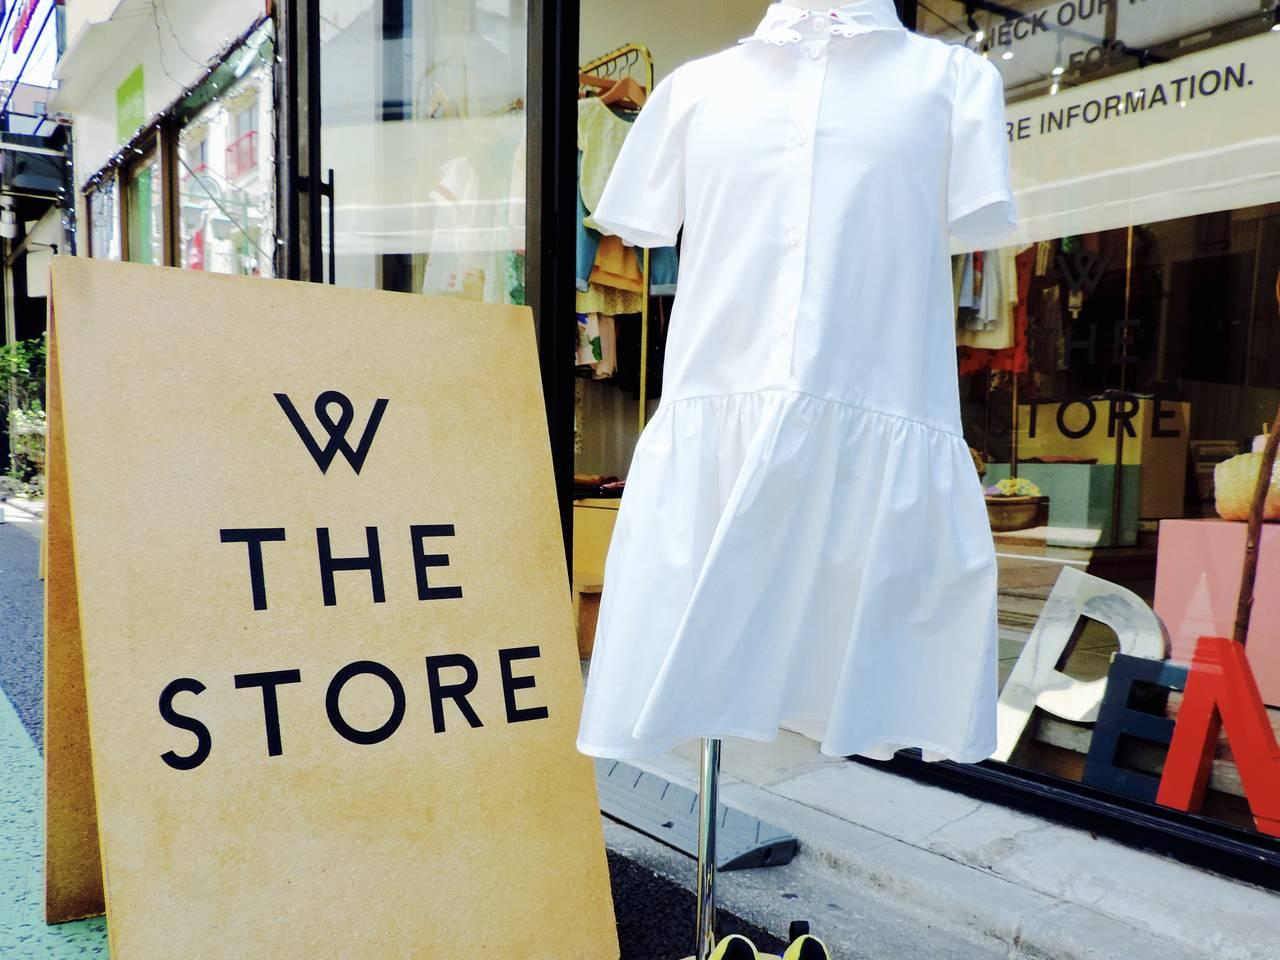 【東京・等々力】子どもの手で選ぶお洋服「W THE STORE」